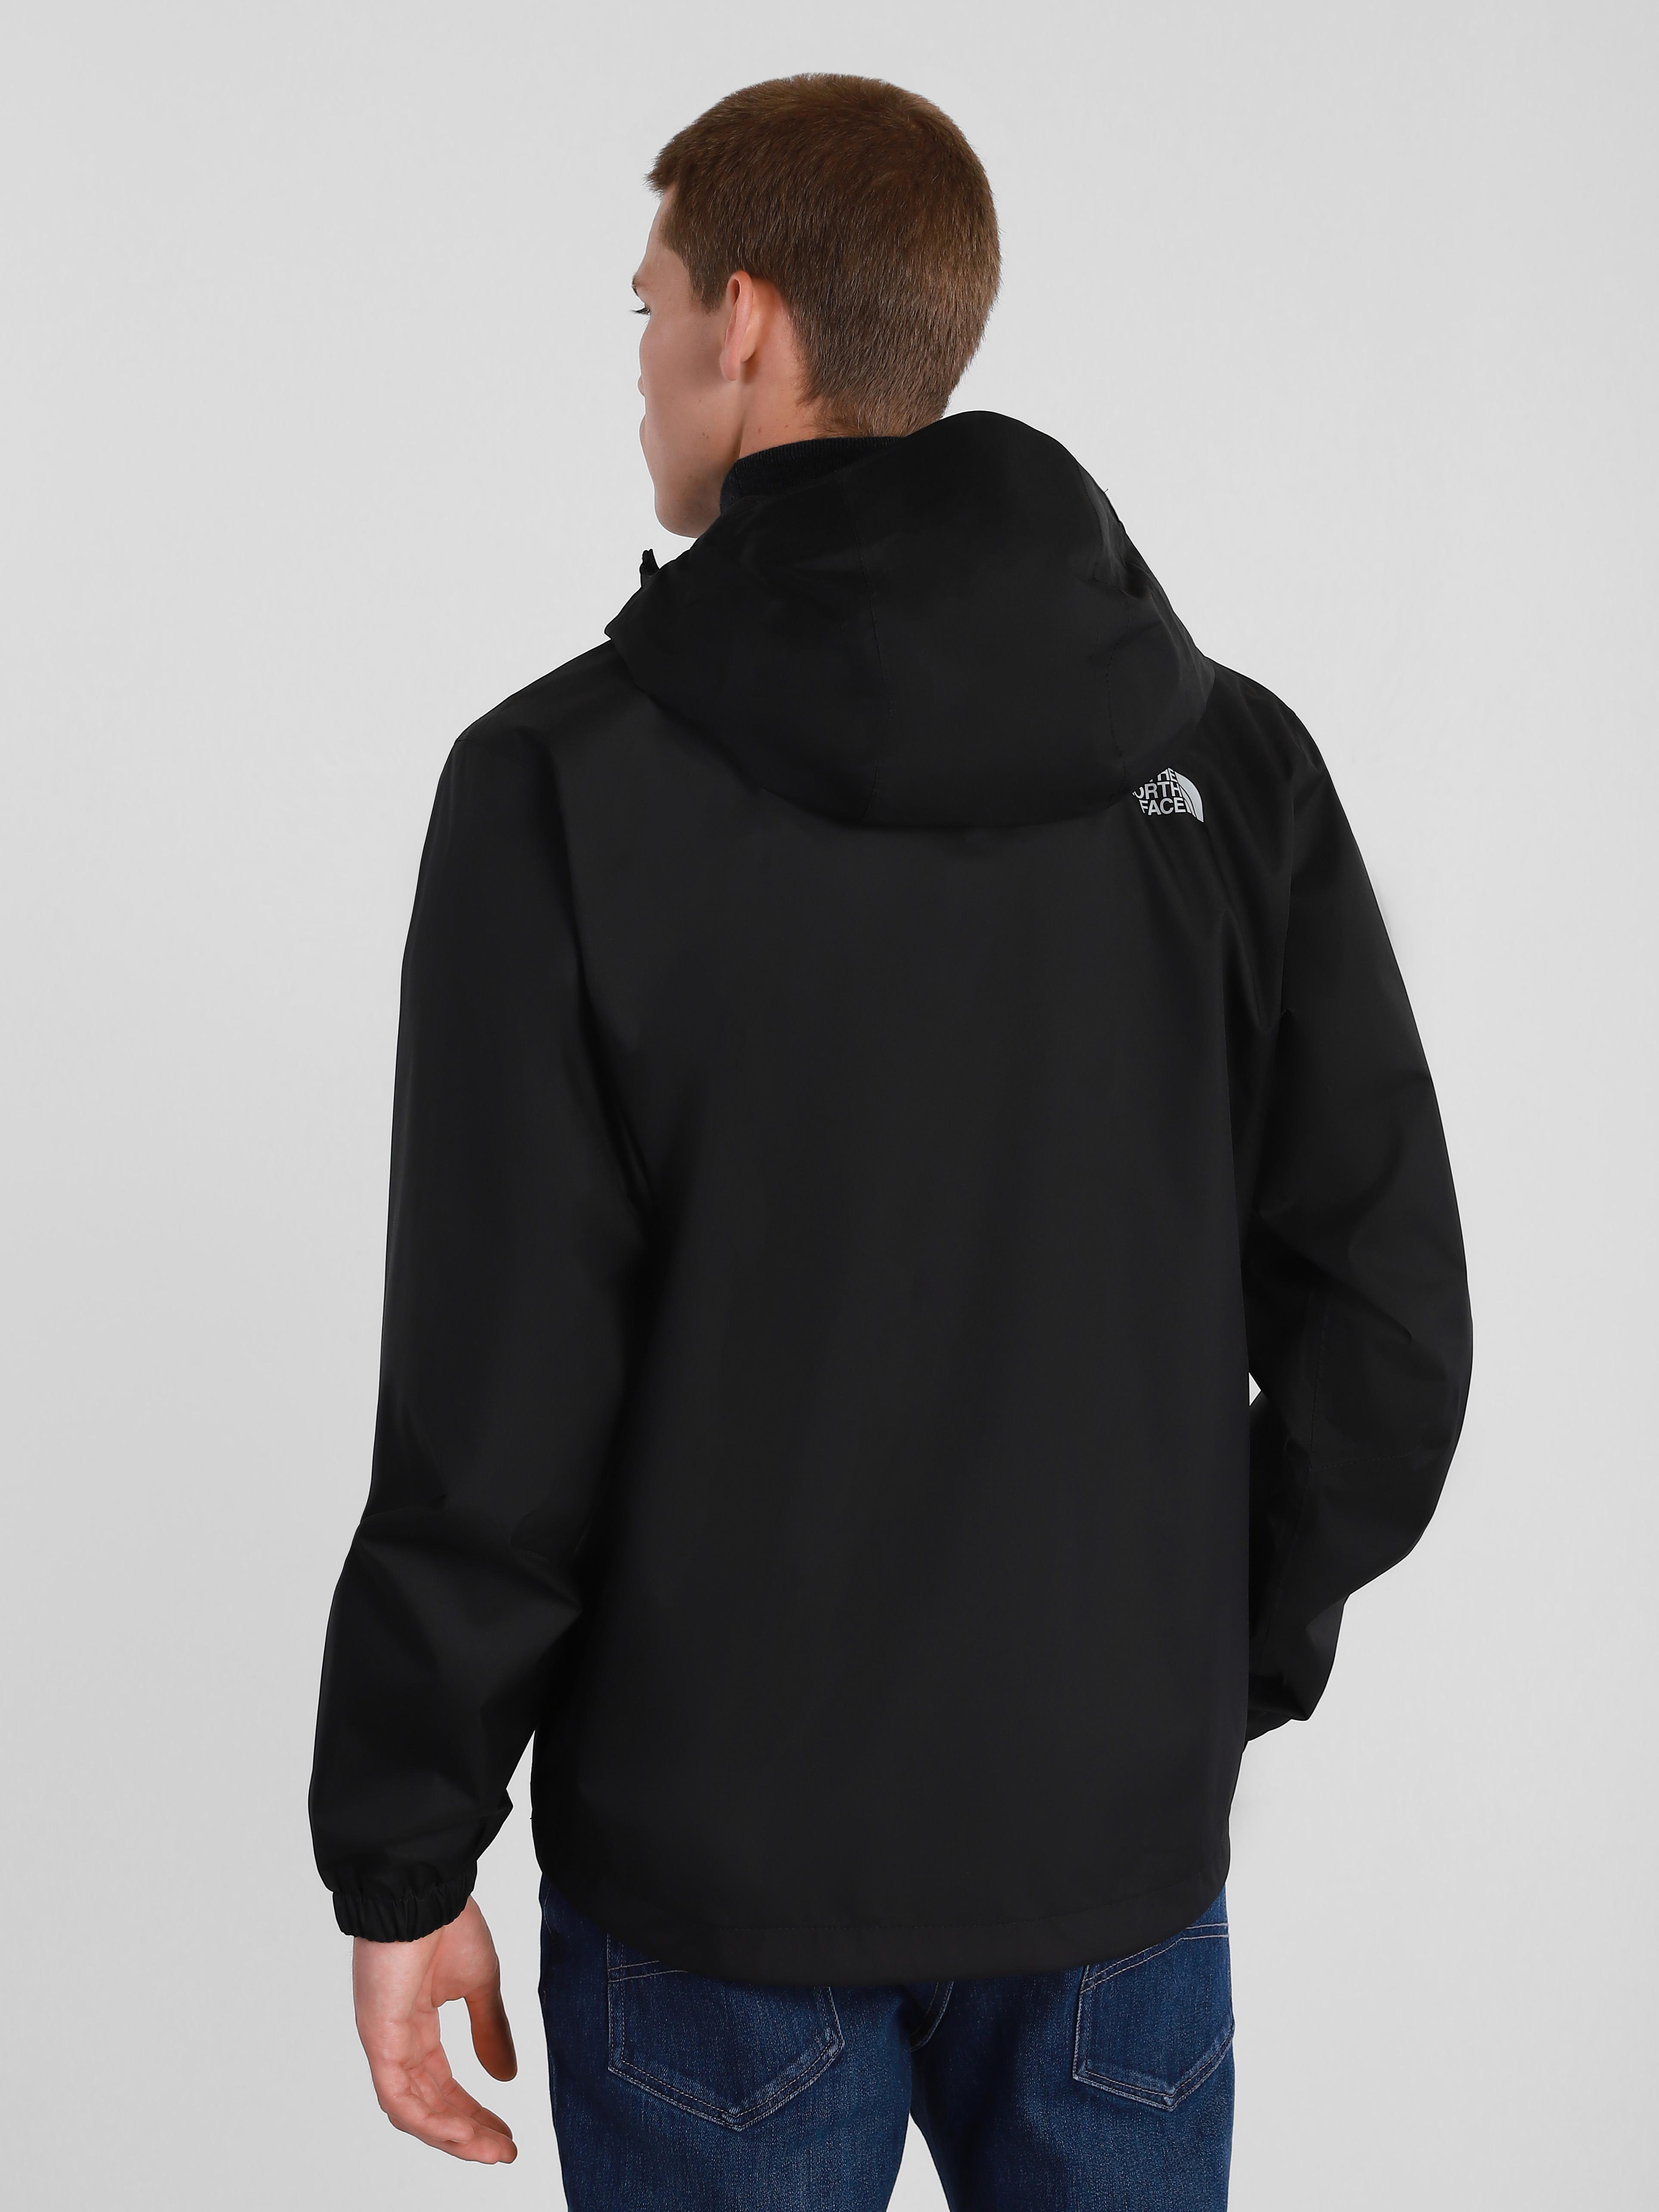 Куртка мужские The North Face модель N2612 отзывы, 2017